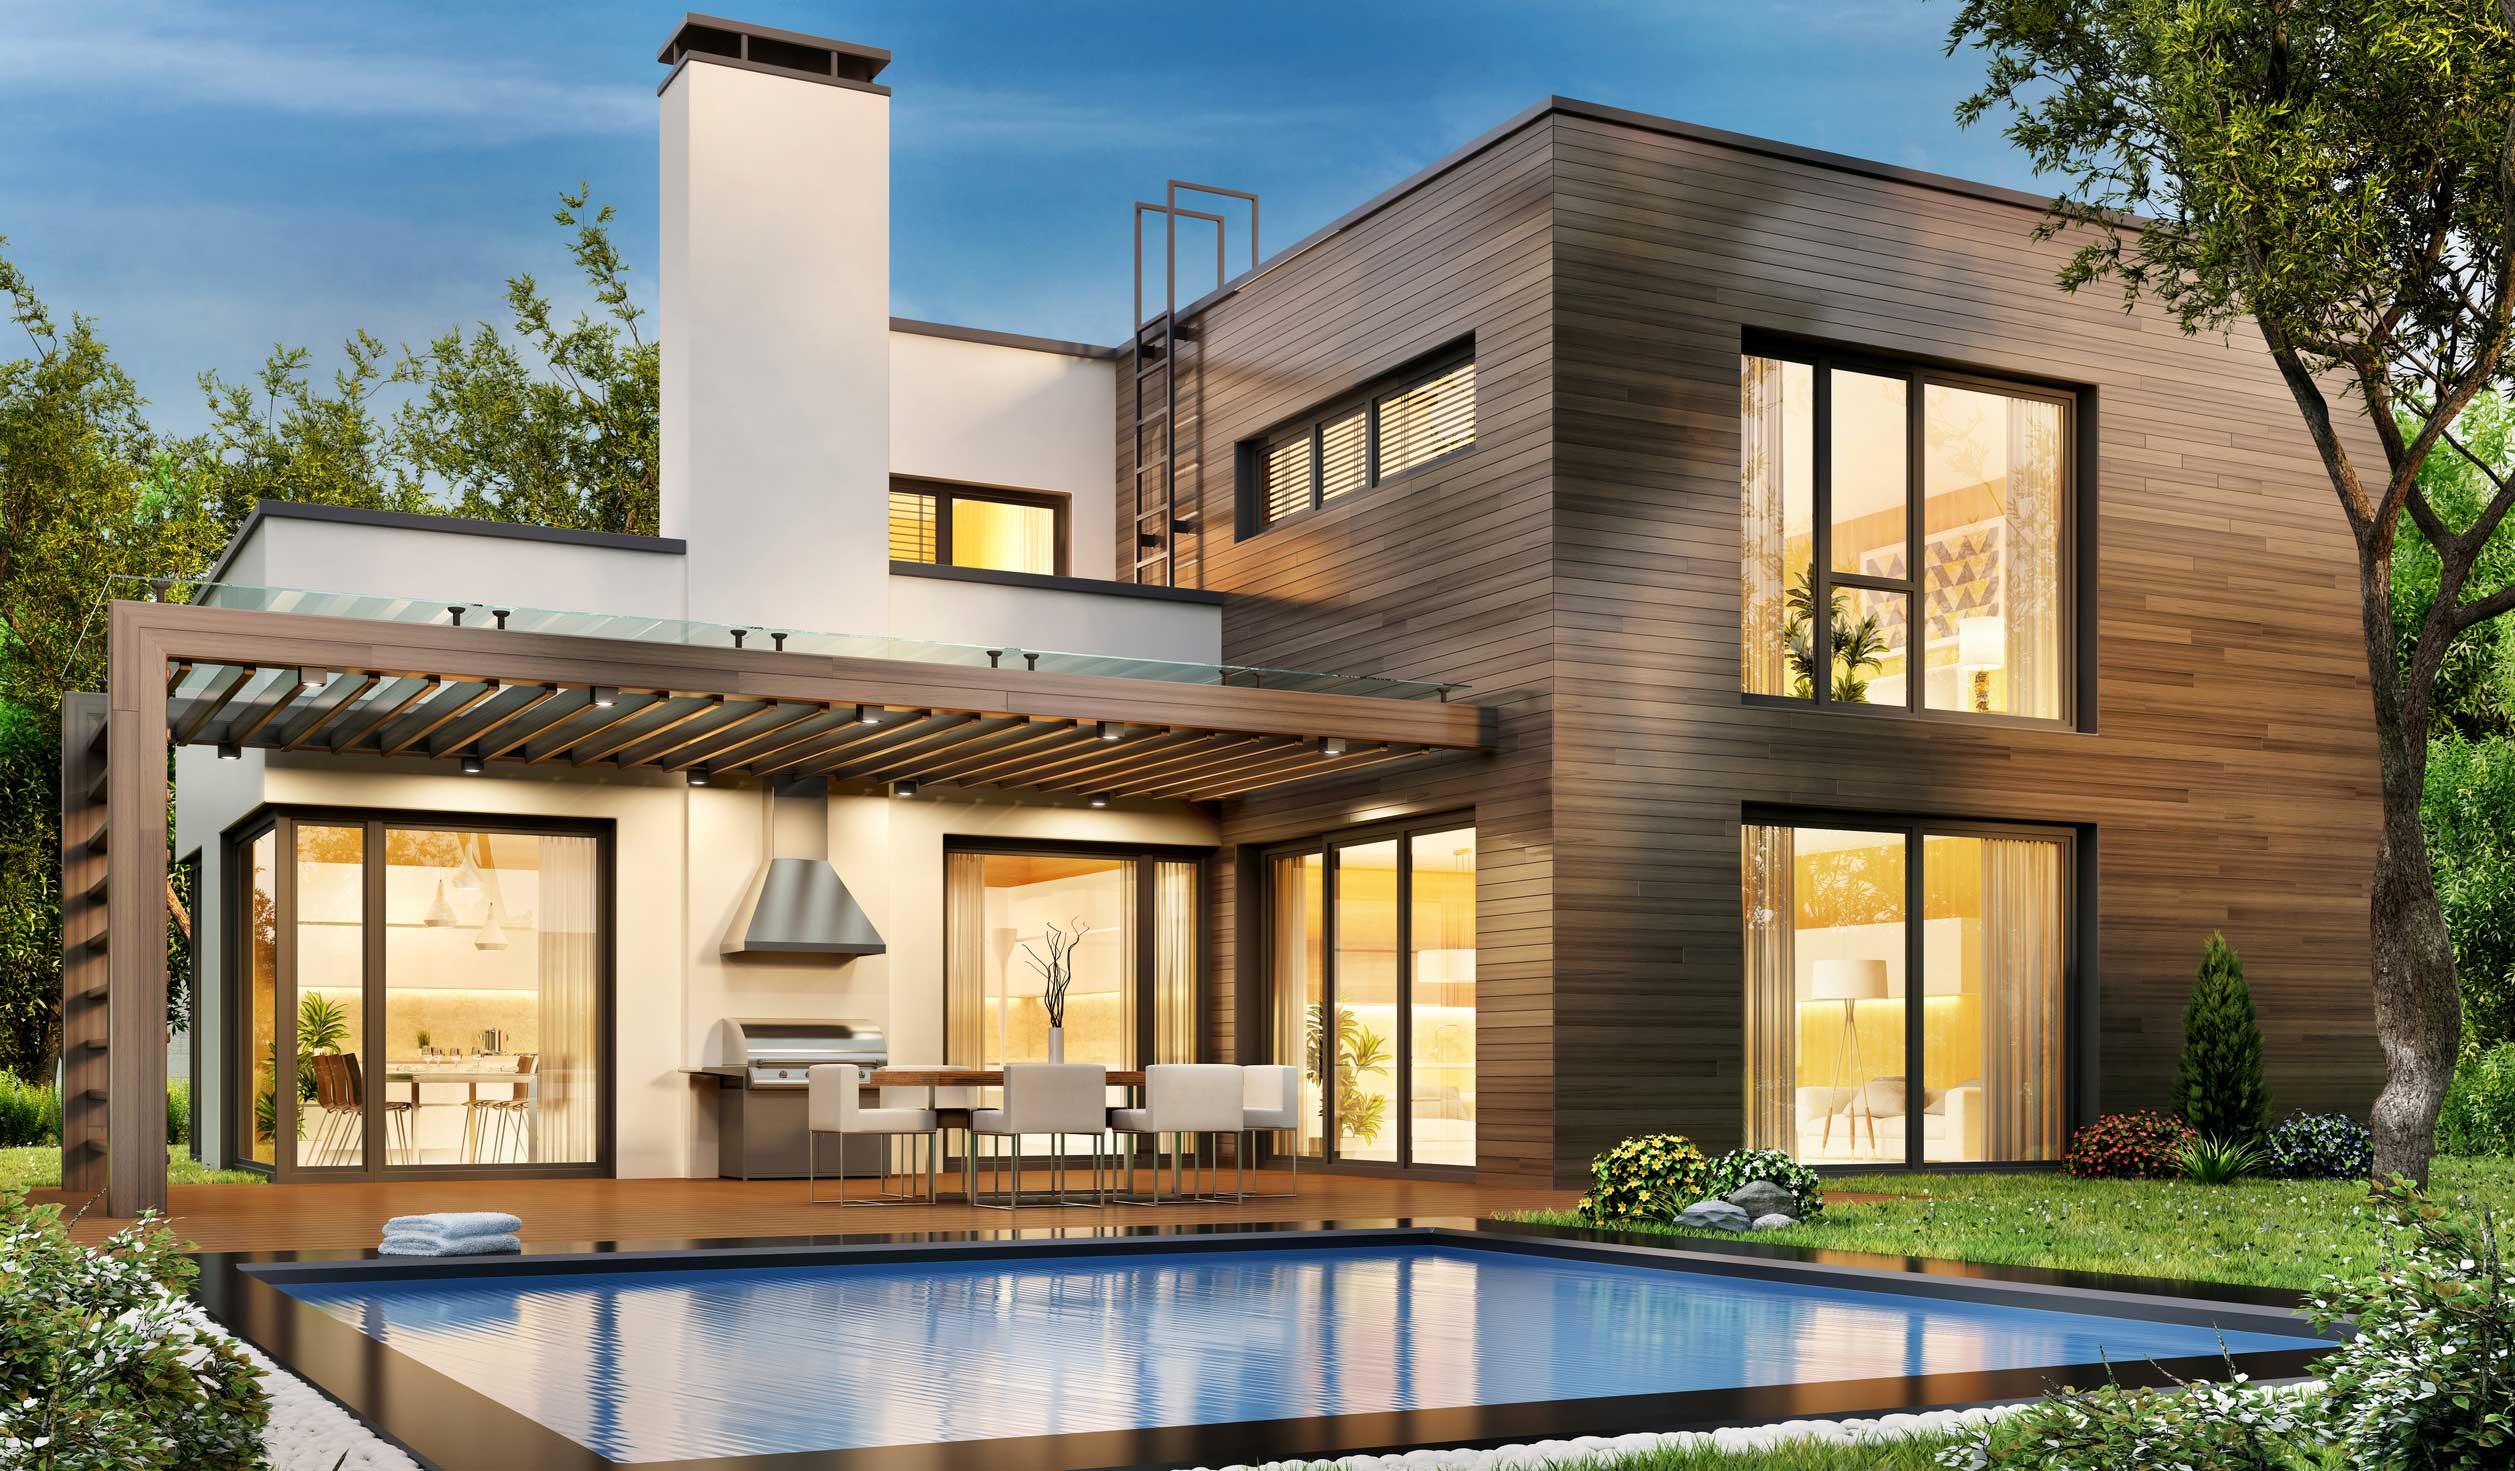 Modernes Haus mit Pool